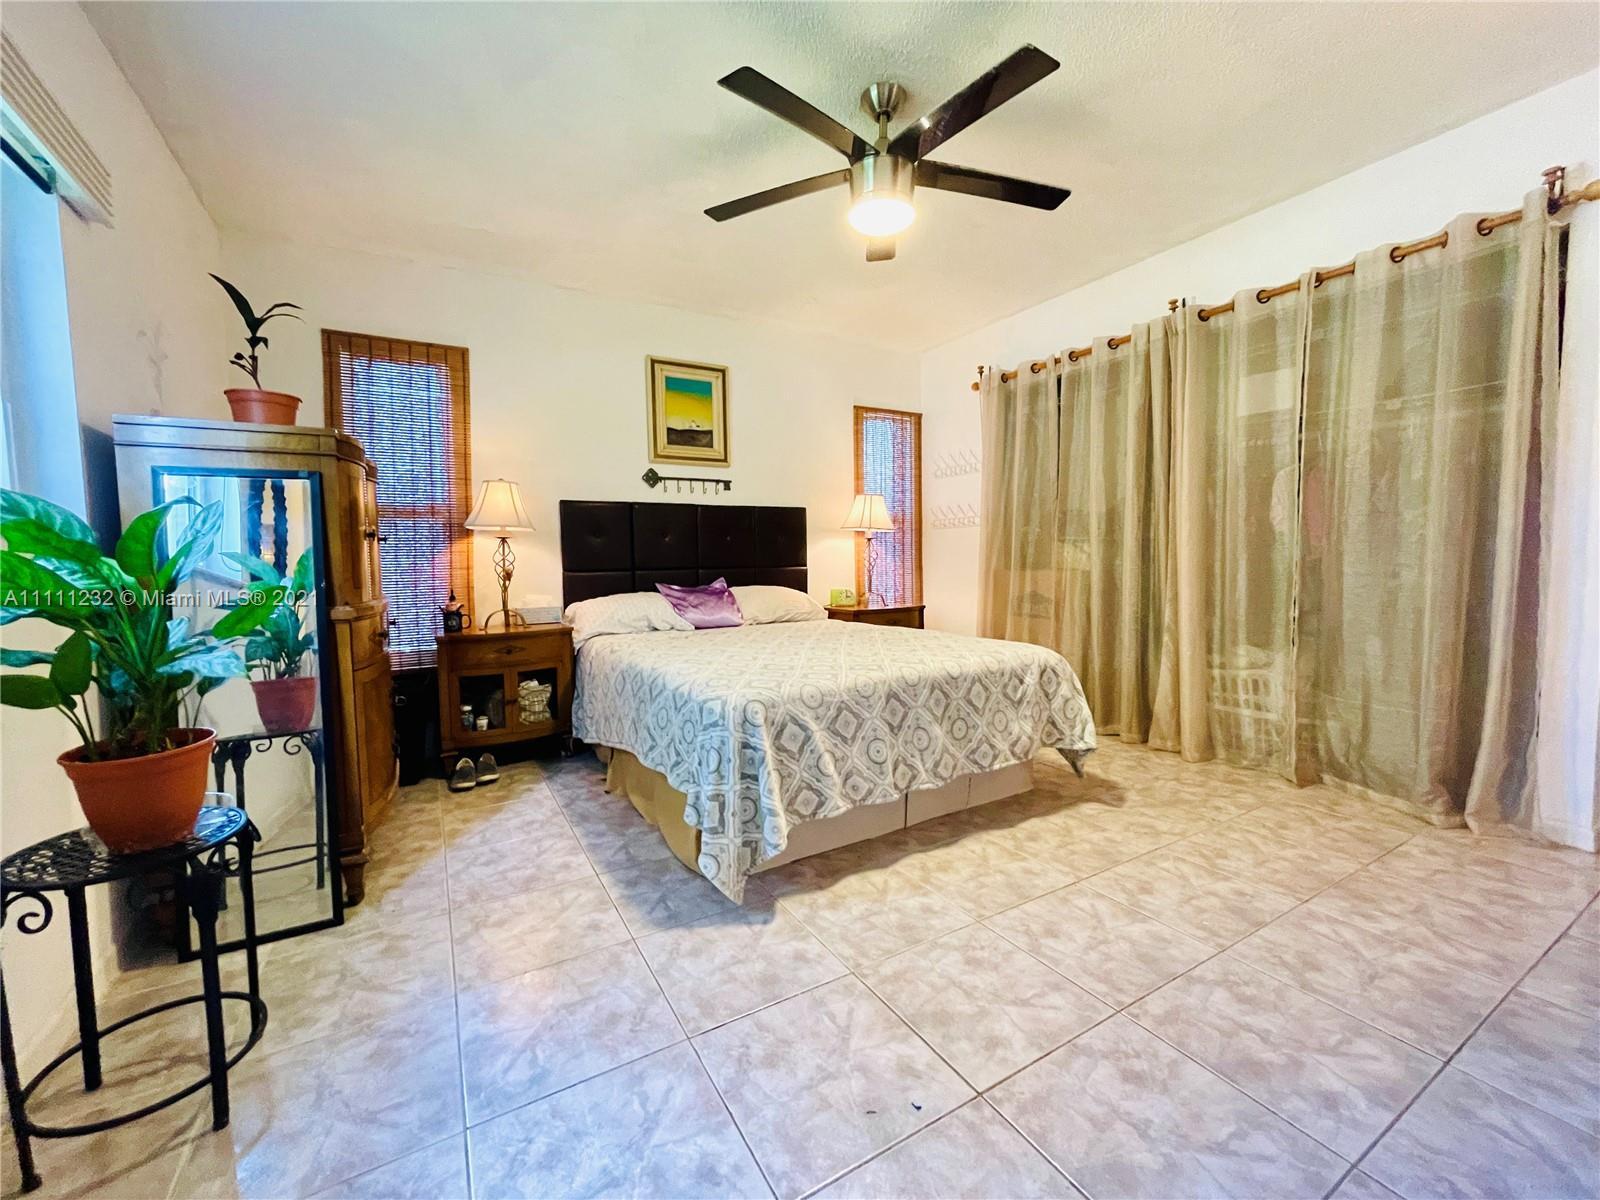 7221 Cody St, Hollywood, Florida image 14